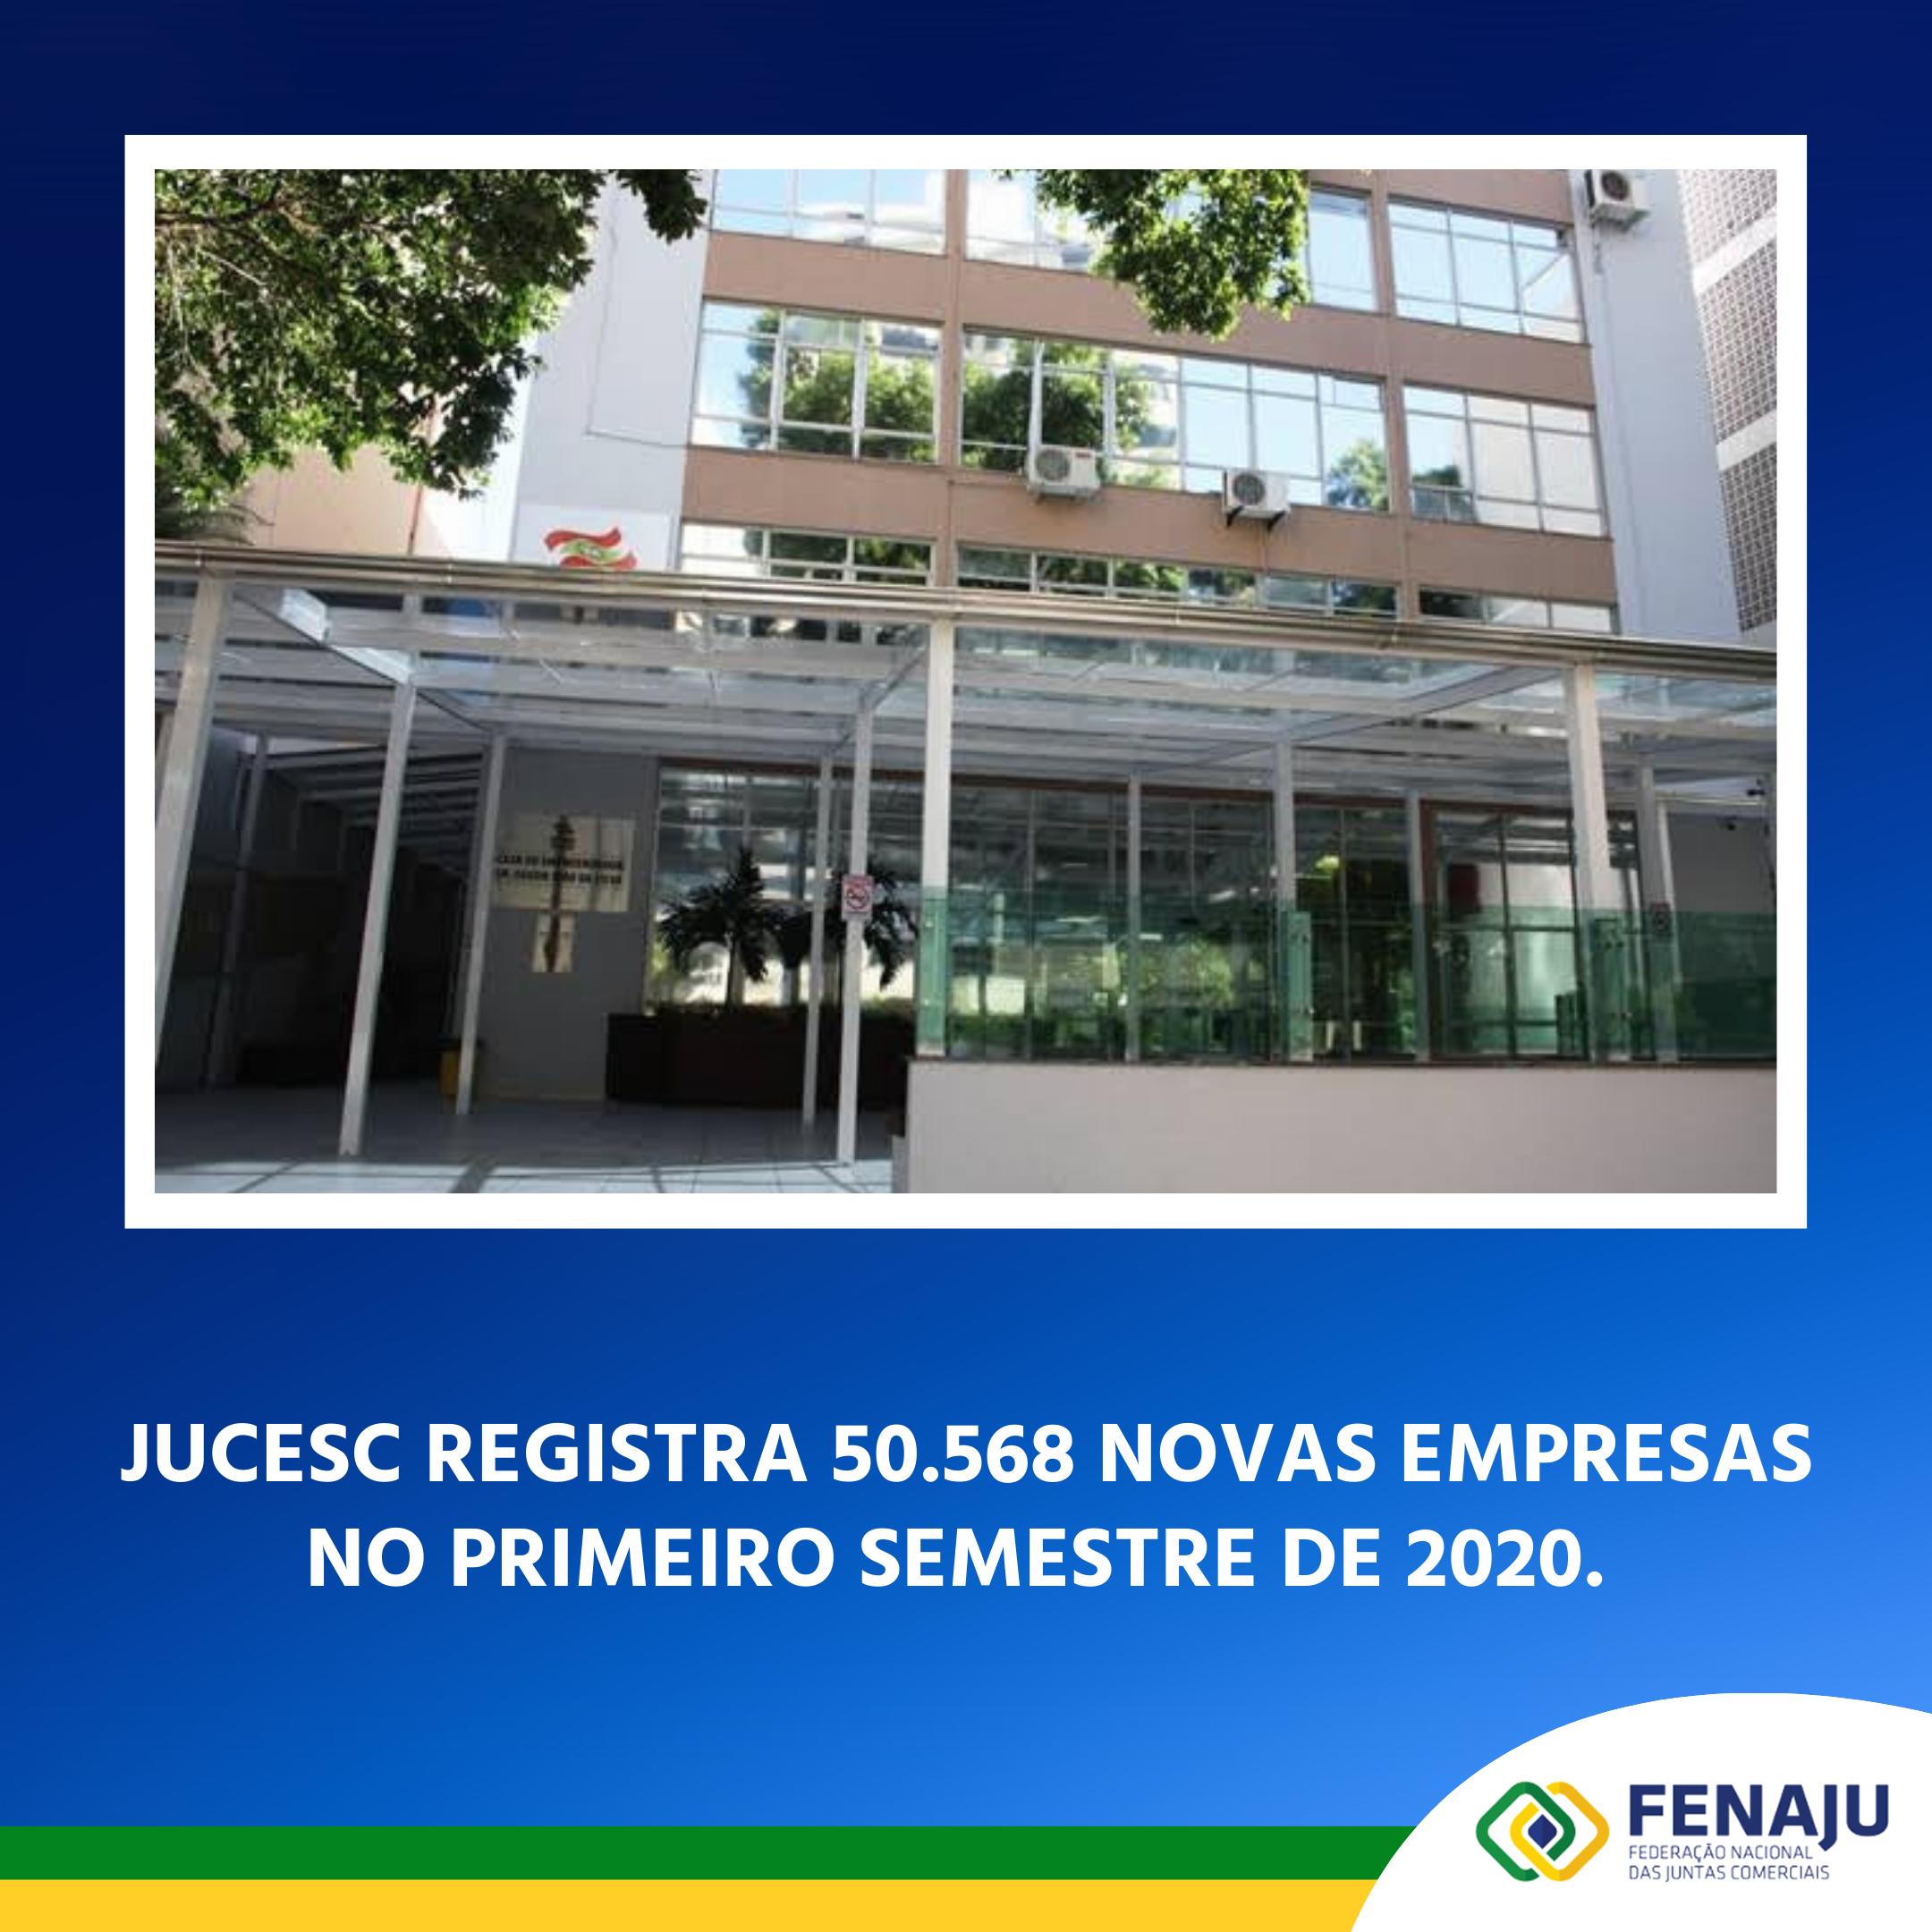 Jucesc registra 50.568 novas empresas no primeiro semestre de 2020